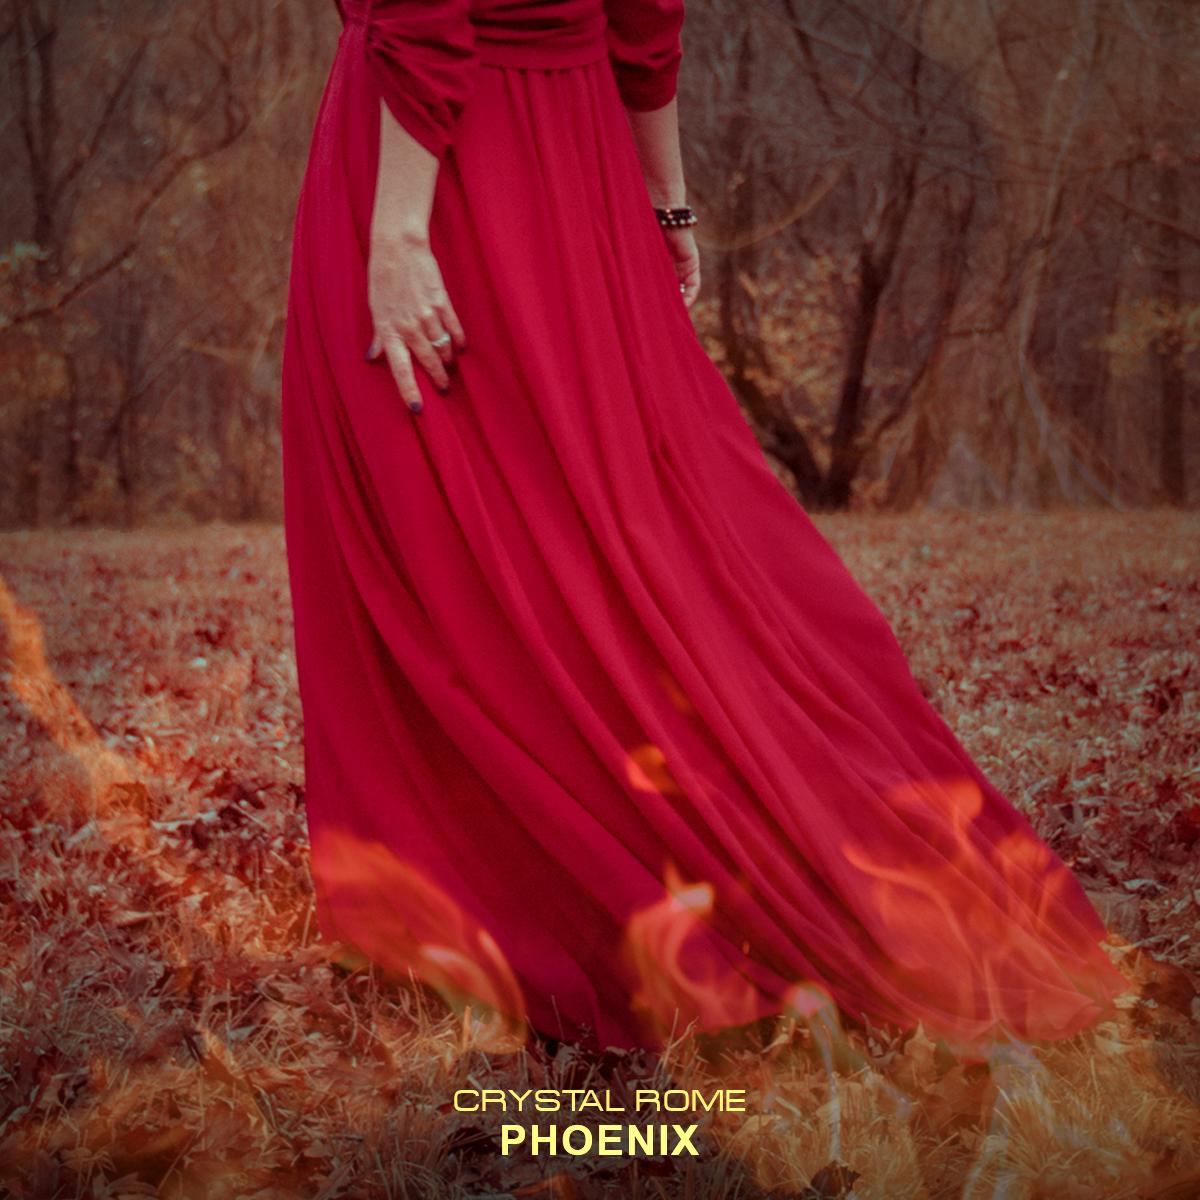 CR Phoenix FINAL COVER.jpg